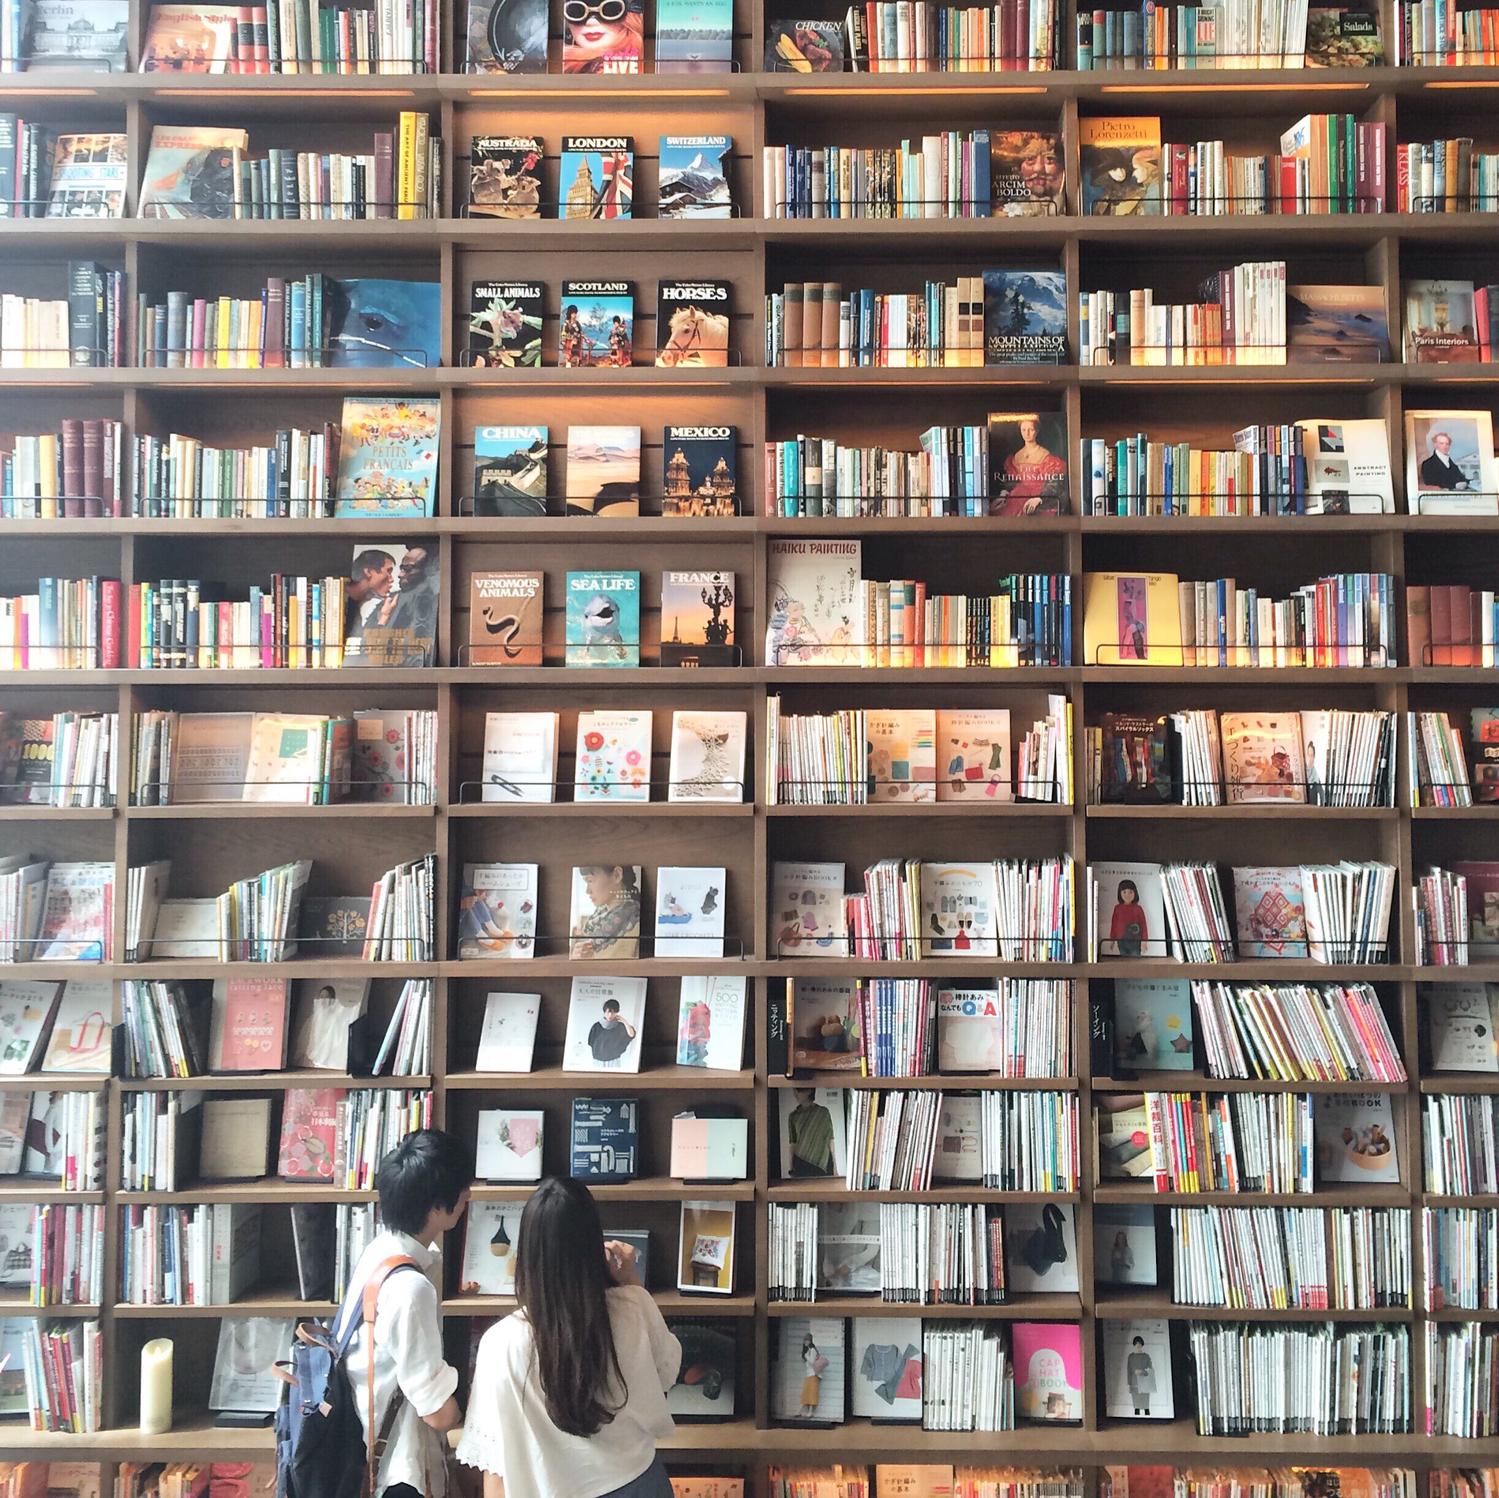 月曜日:読みたい本を見つける